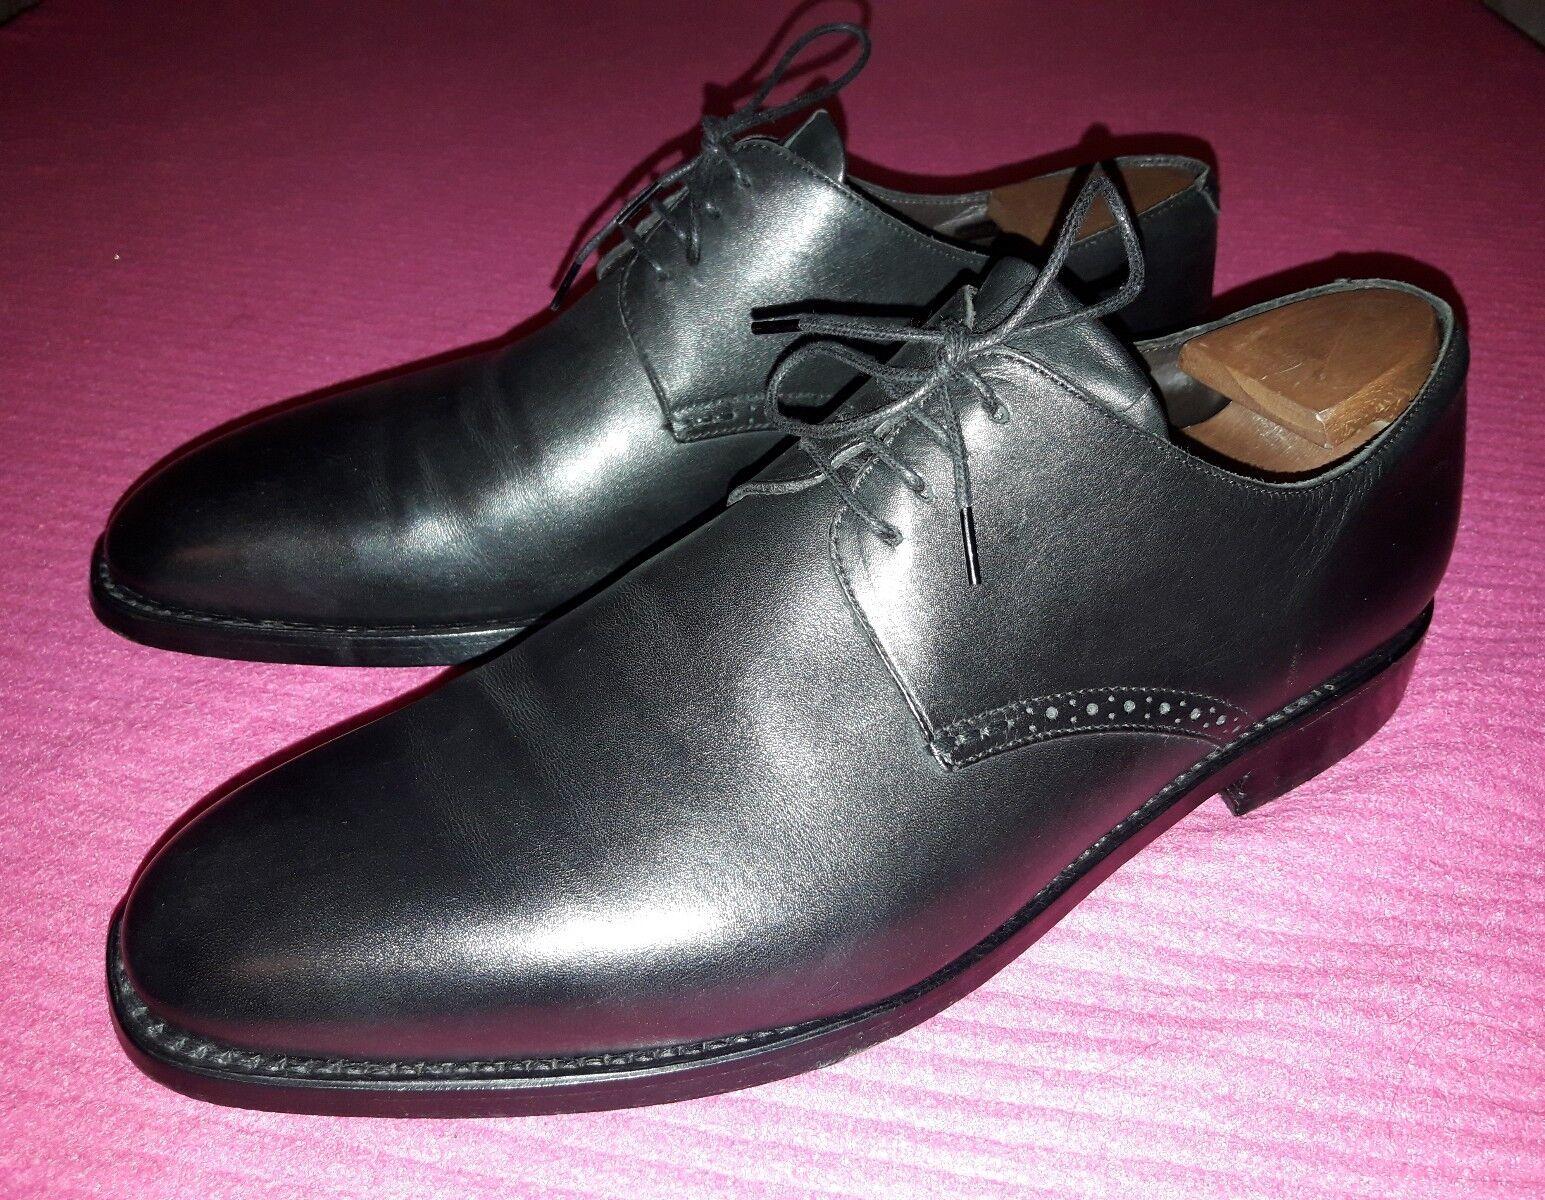 Chaussure HESCHUNG   taille  8,5 ( 42,5) TBE Scarpe classiche da uomo